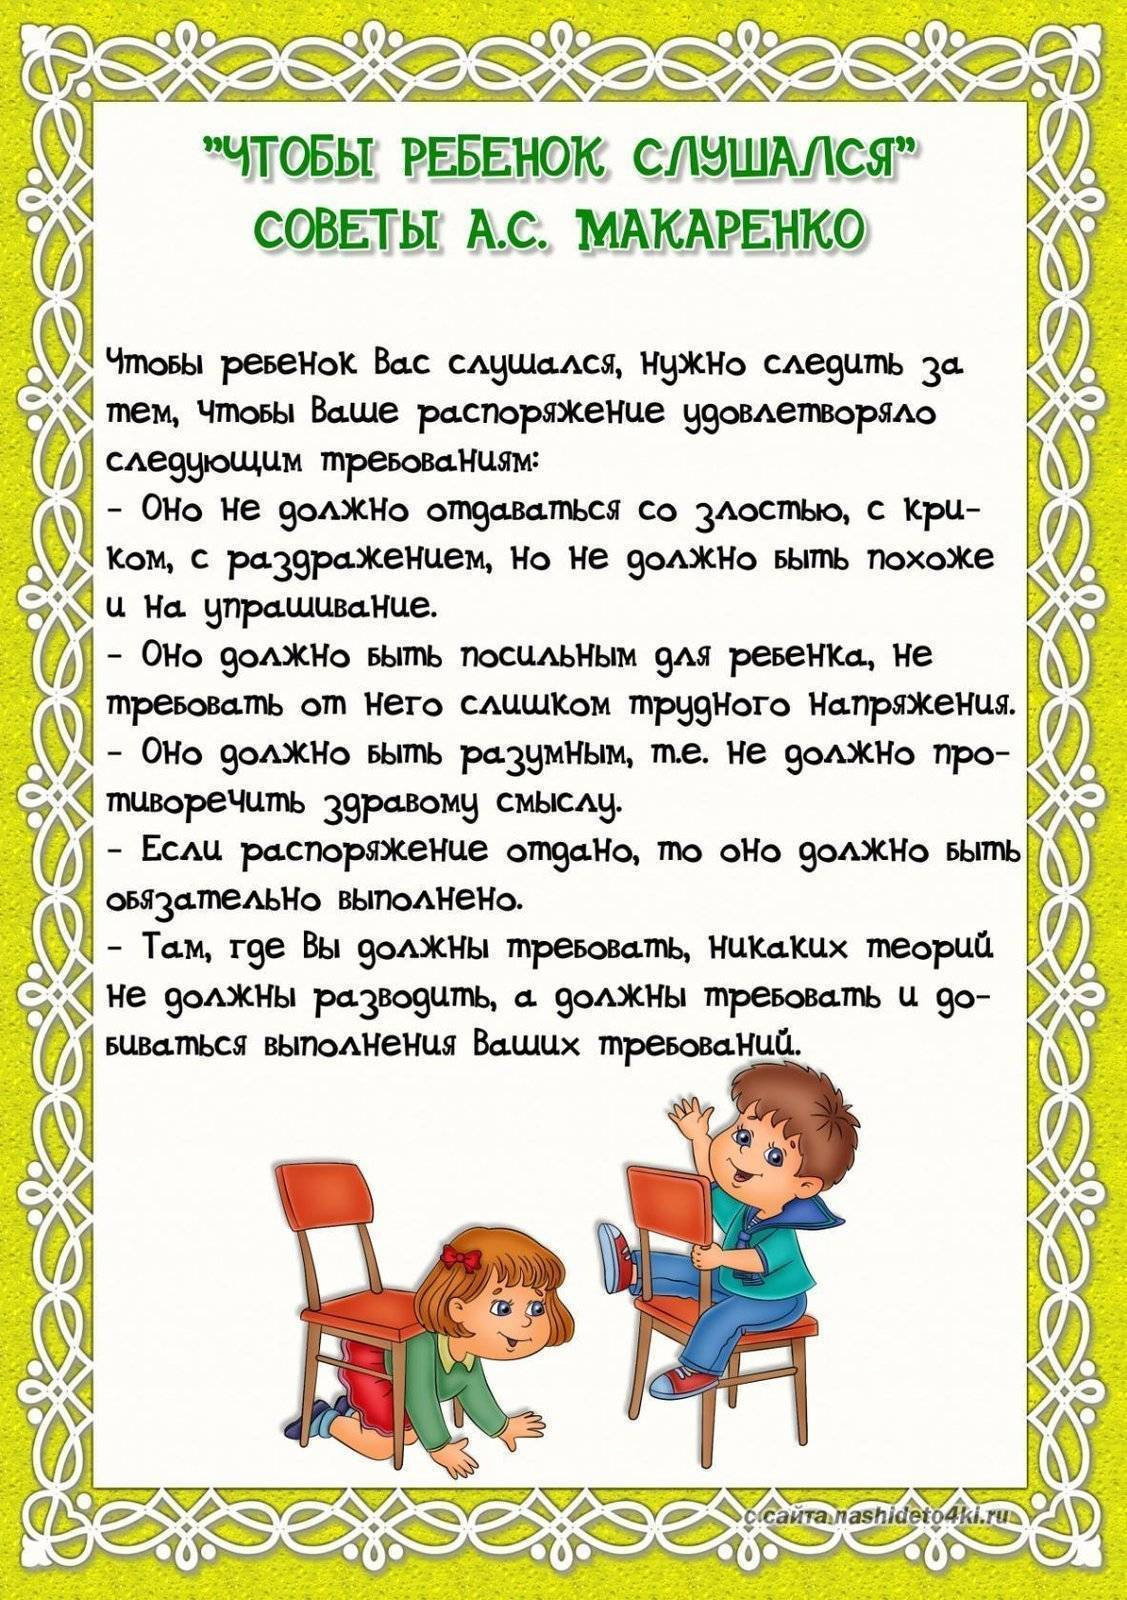 Не хочу в детский сад! а что скажет психолог?